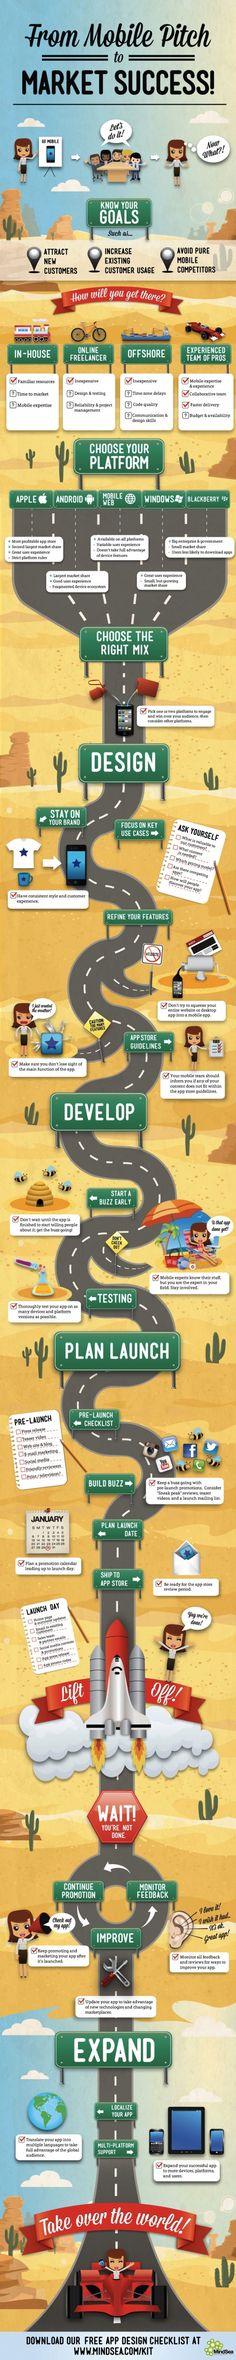 Infographie : Comment faire d'une appli marchande un succès ? #ecommerce